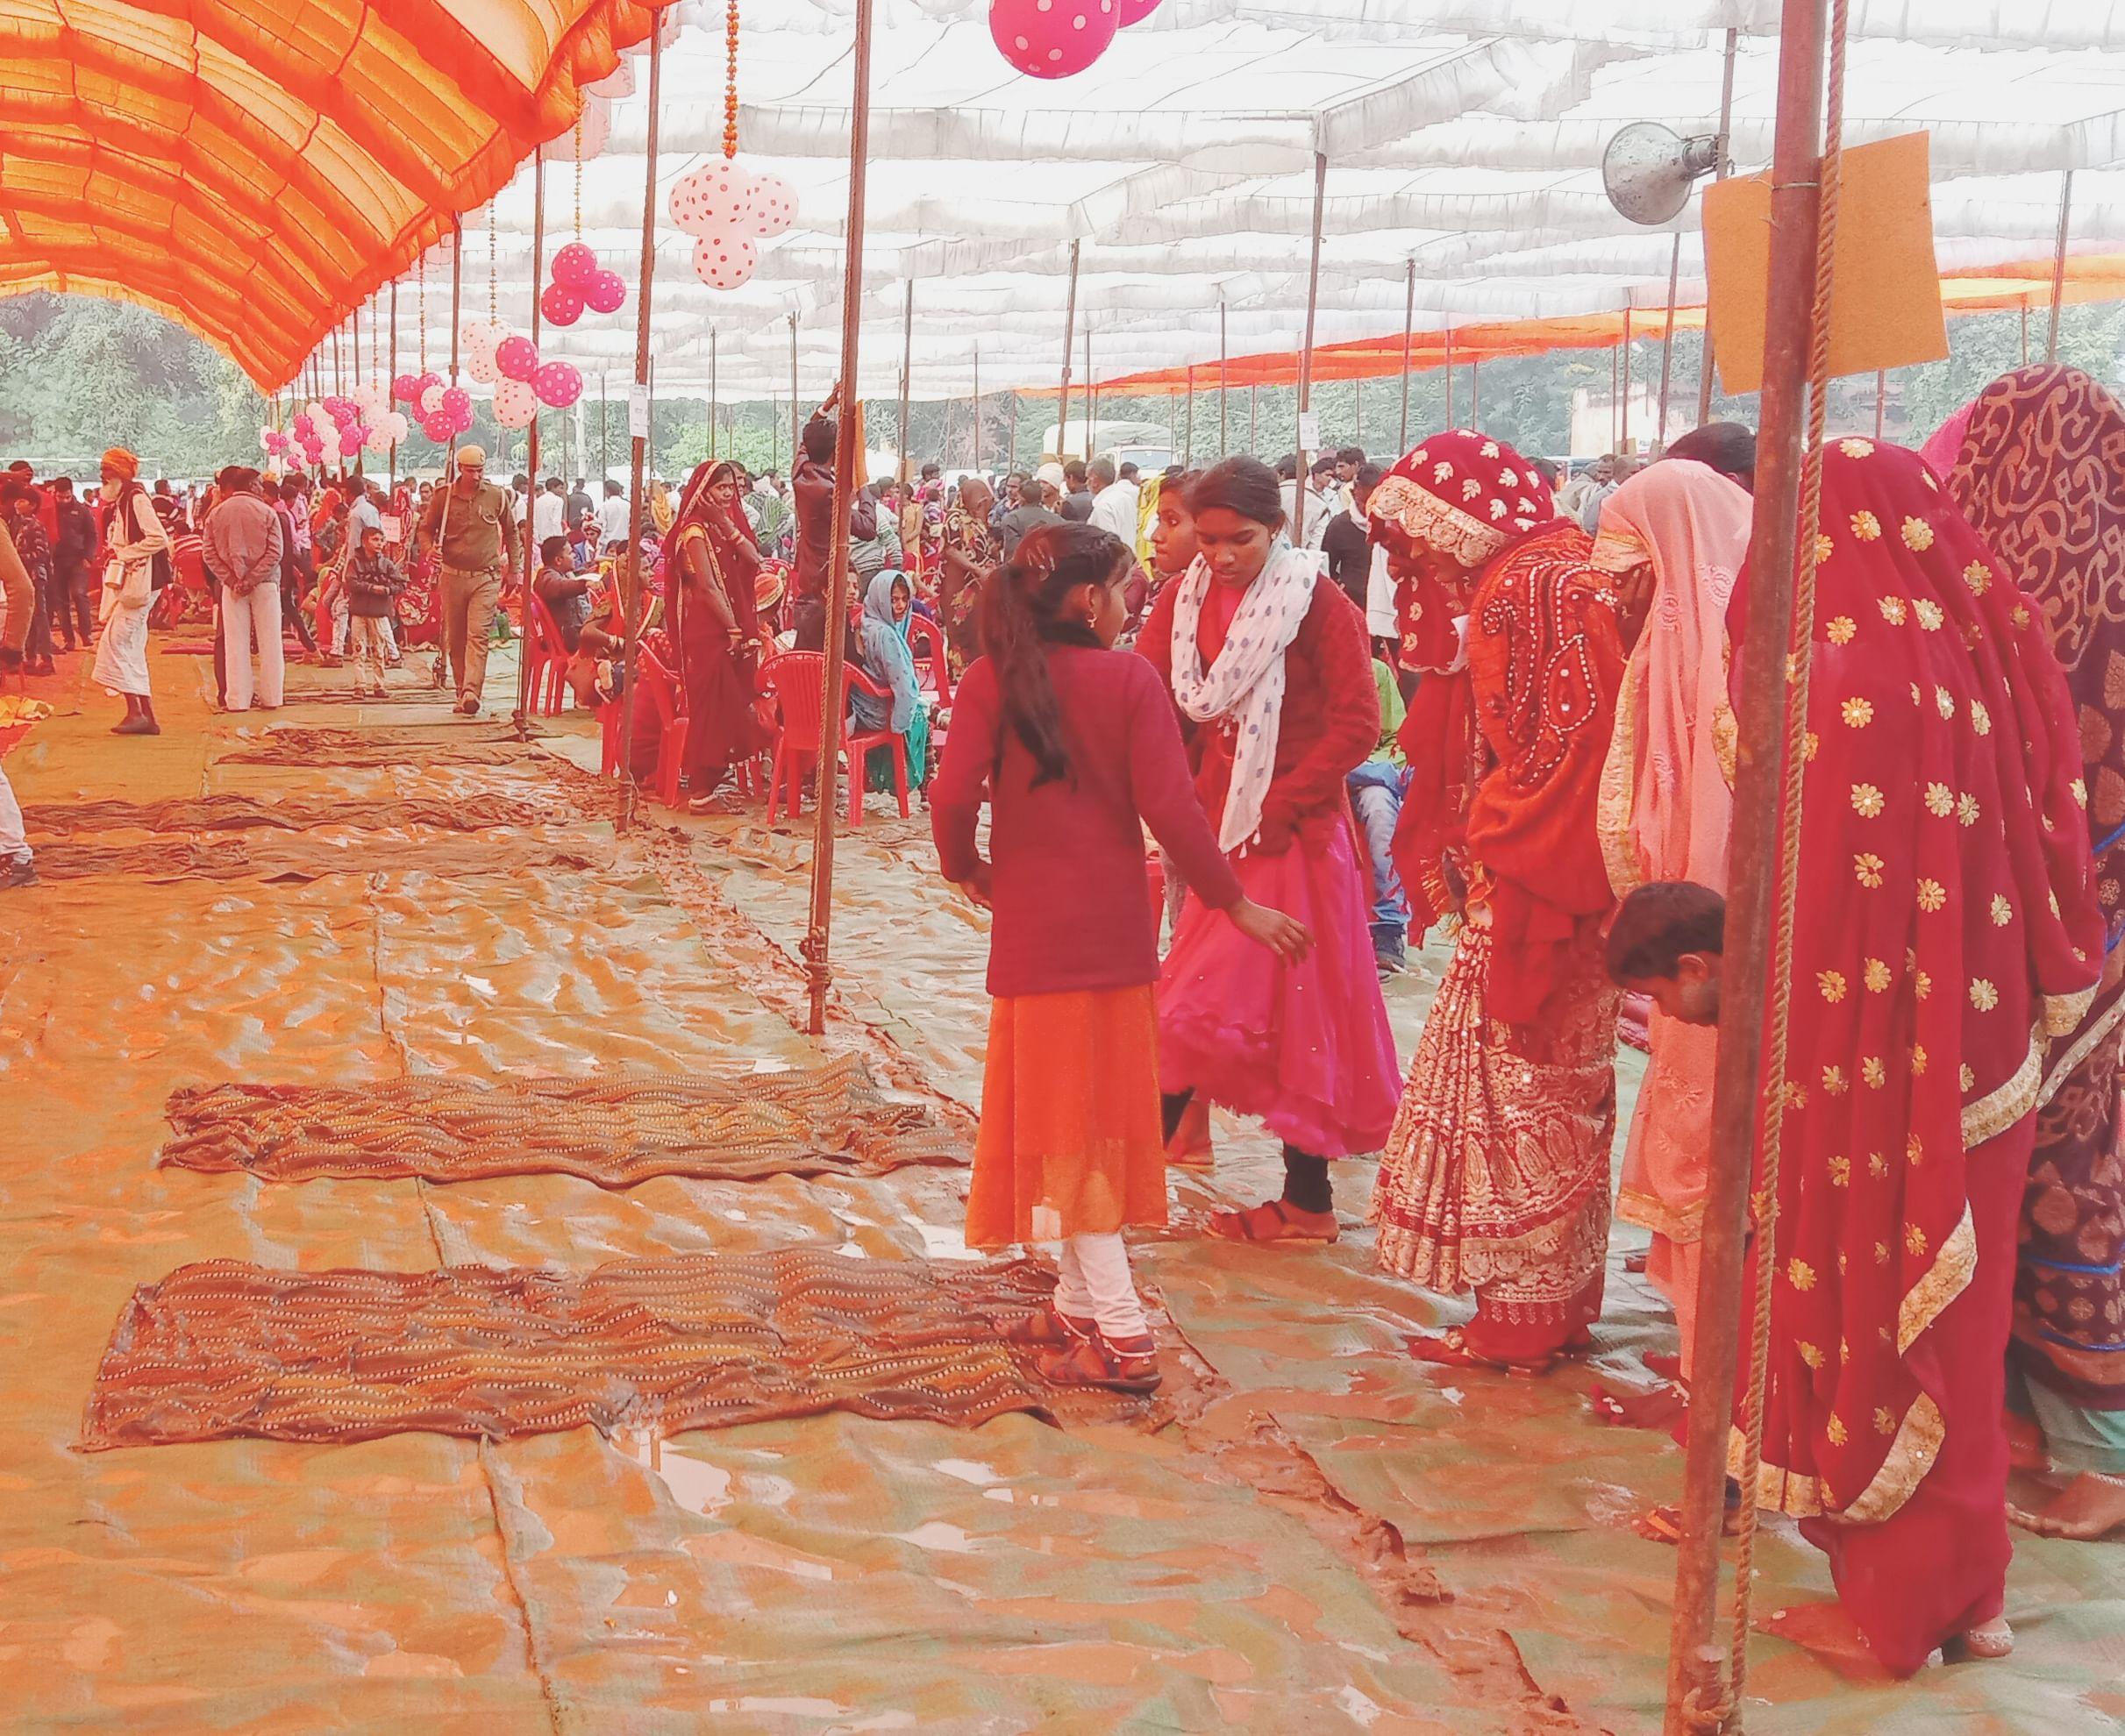 मुख्यमंत्री सामूहिक विवाह सम्मेलन में बारिश से हुआ कीचड़